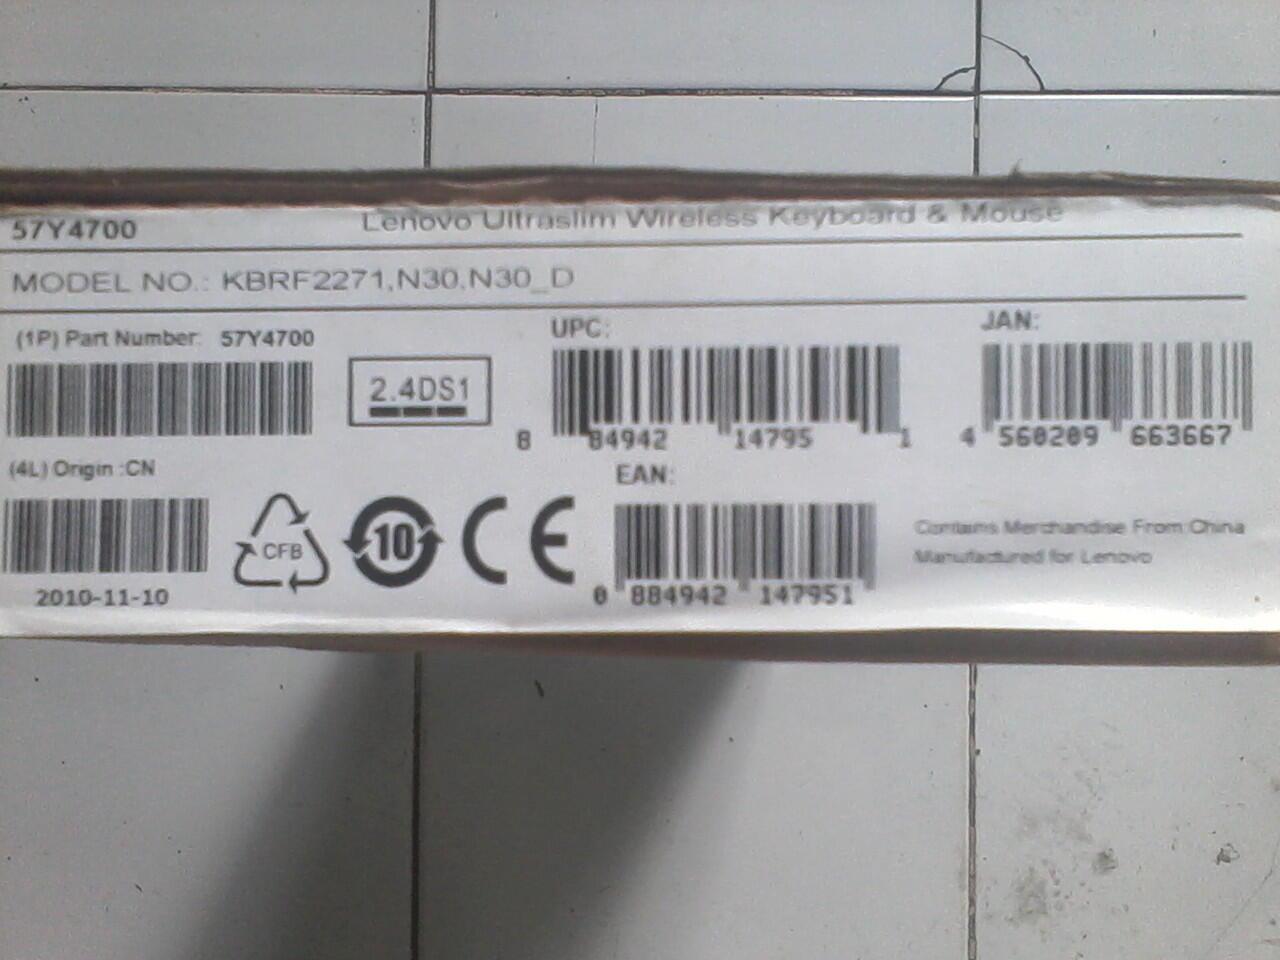 Lenovo ultraslim wireless keyboard & mouse